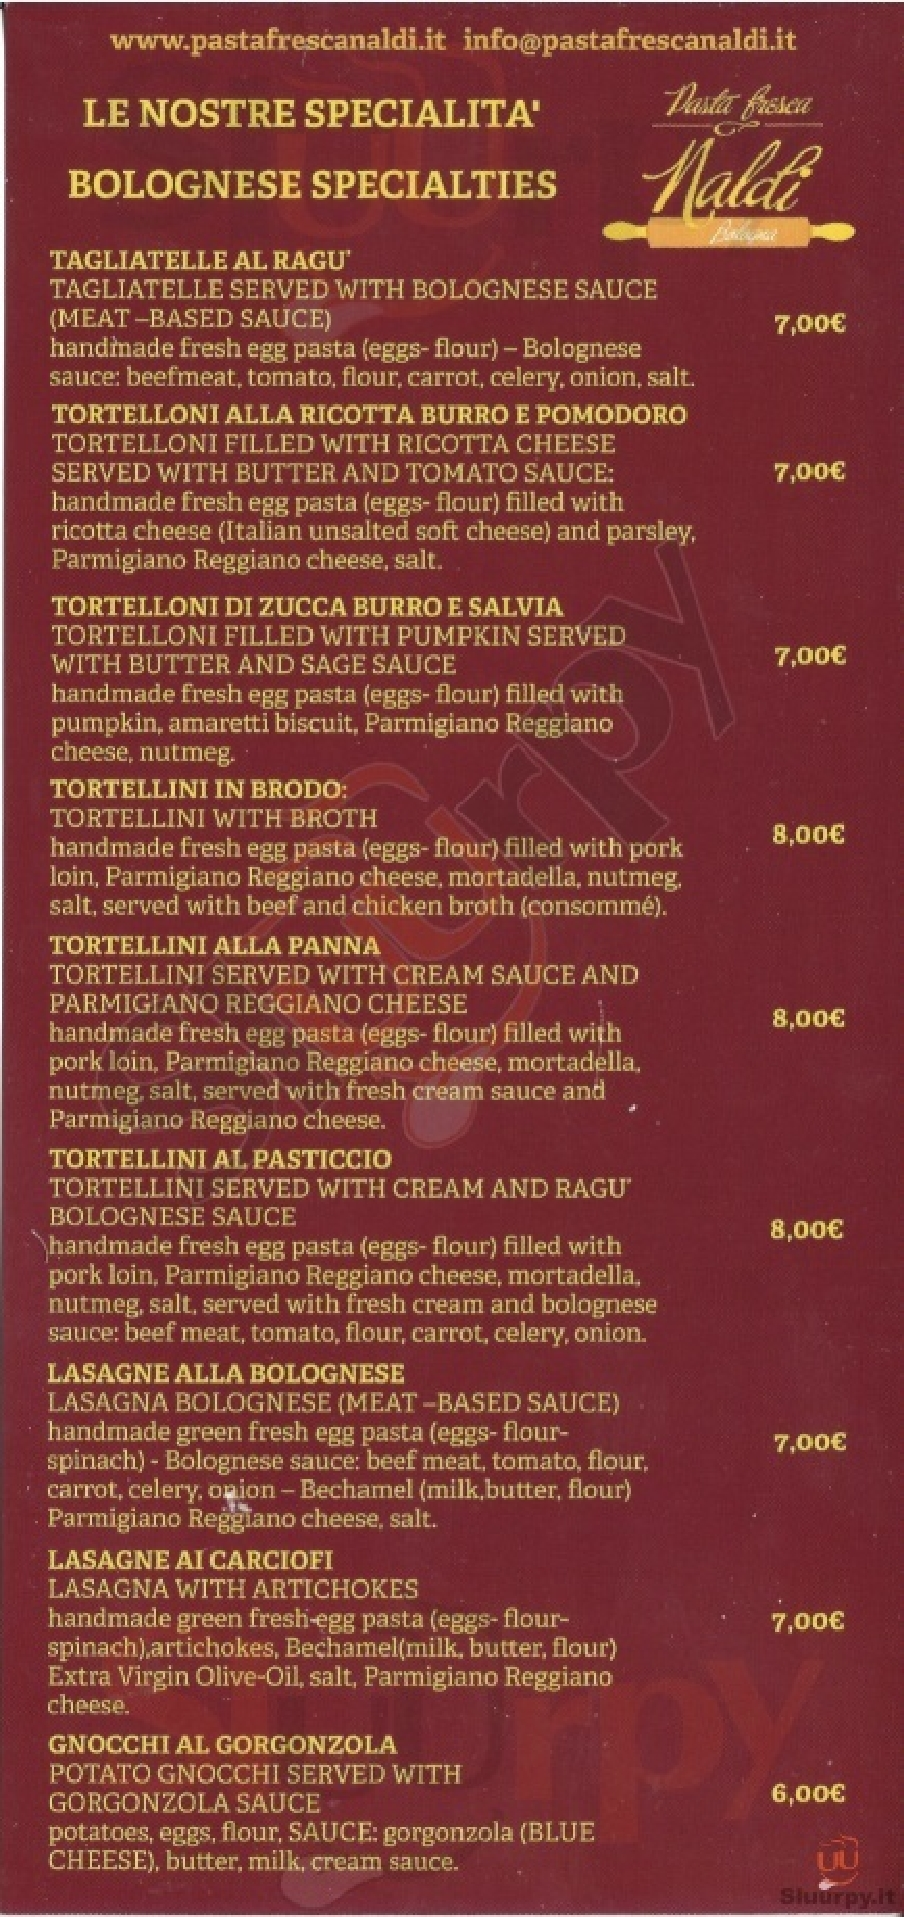 Pasta fresca Naldi Bologna menù 1 pagina